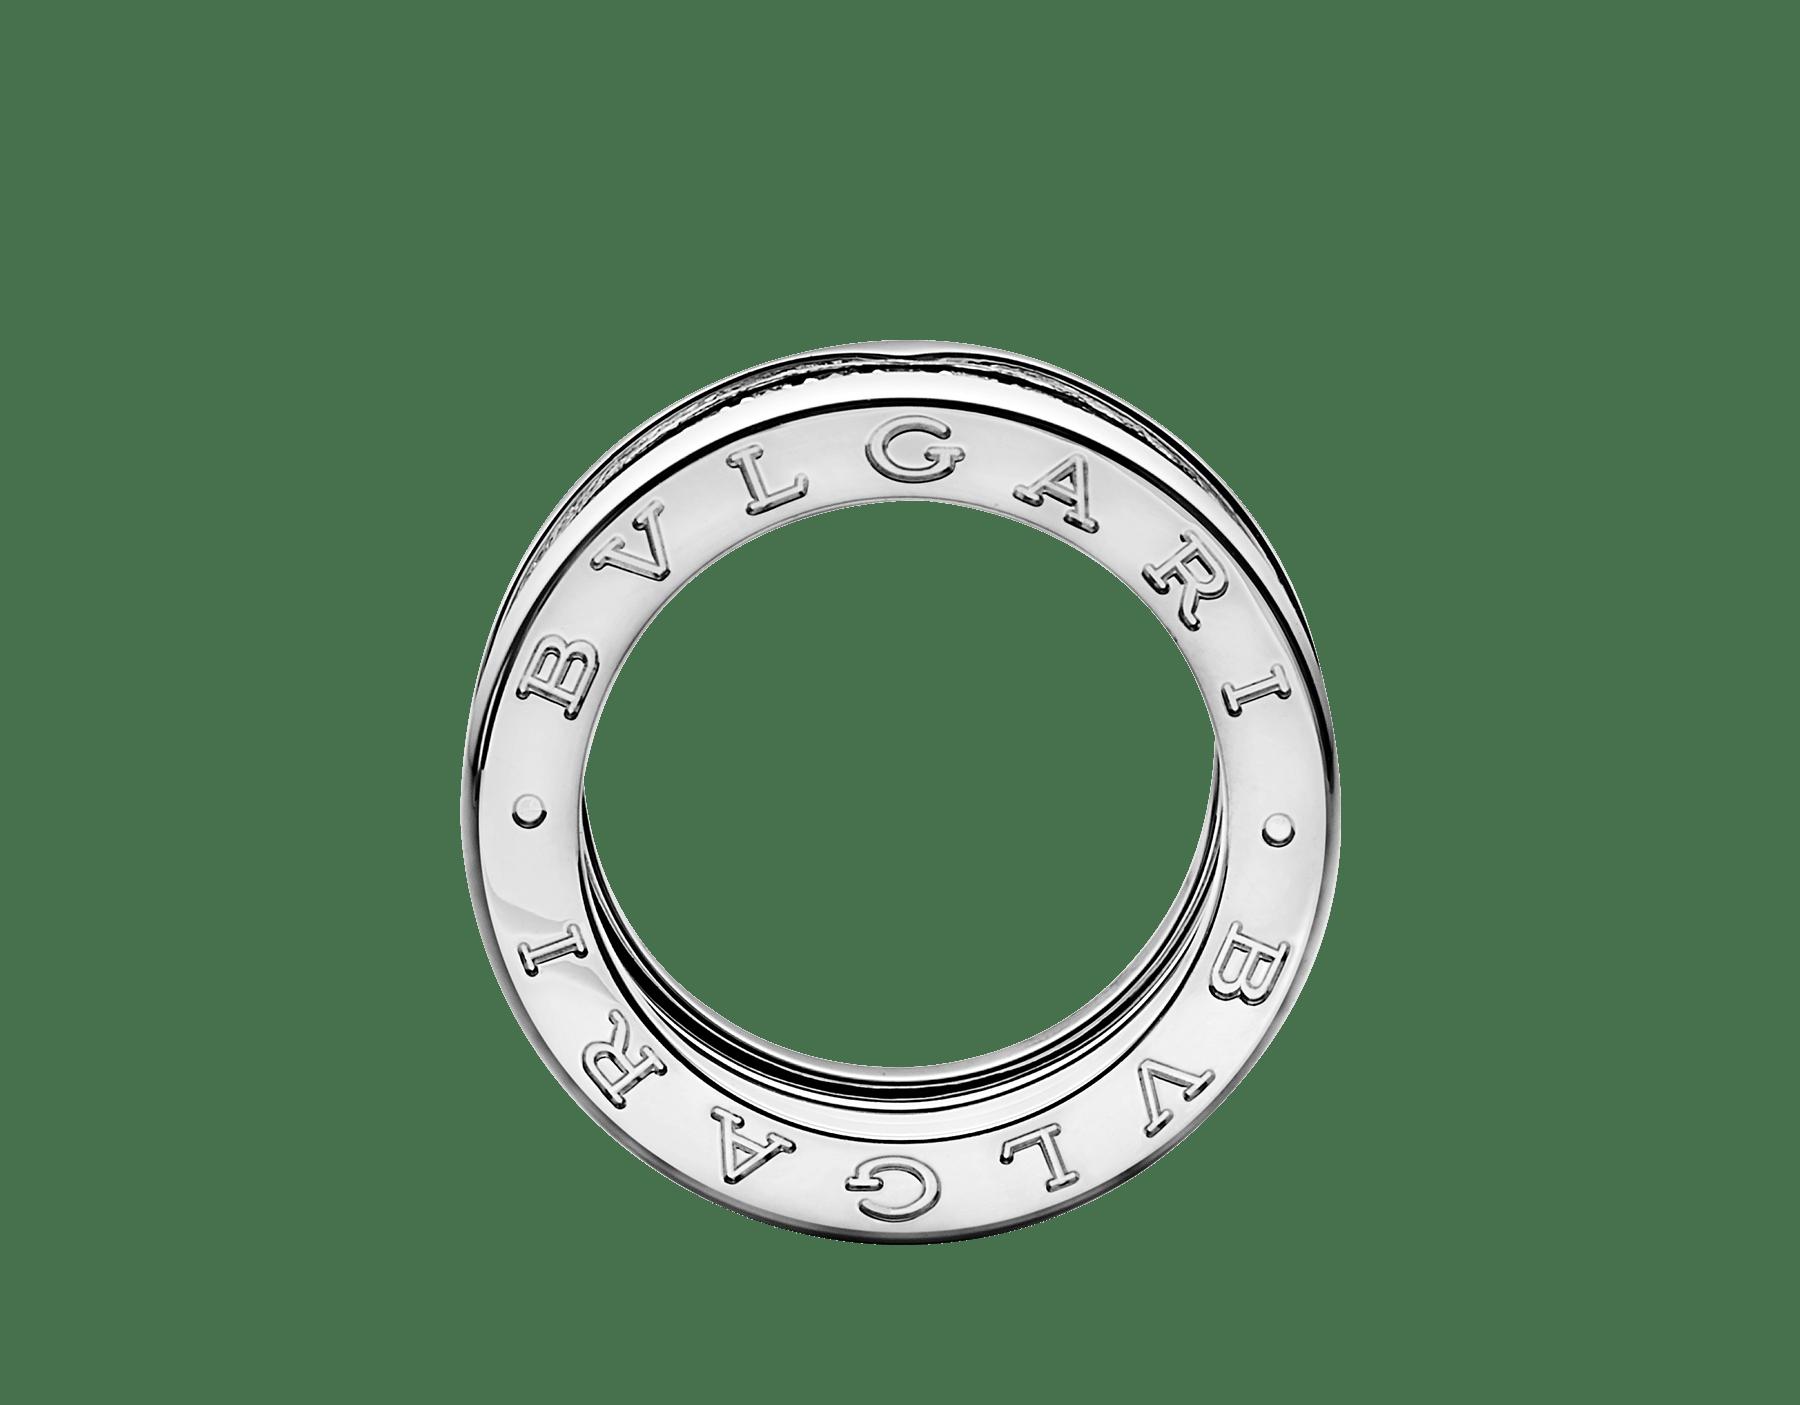 Fundindo o caráter ousado de suas curvas fluidas com a preciosidade de diamantes cravejados, o anel B.zero1 revela um espírito versátil e uma elegância contemporânea. B-zero1-4-bands-AN850556 image 2